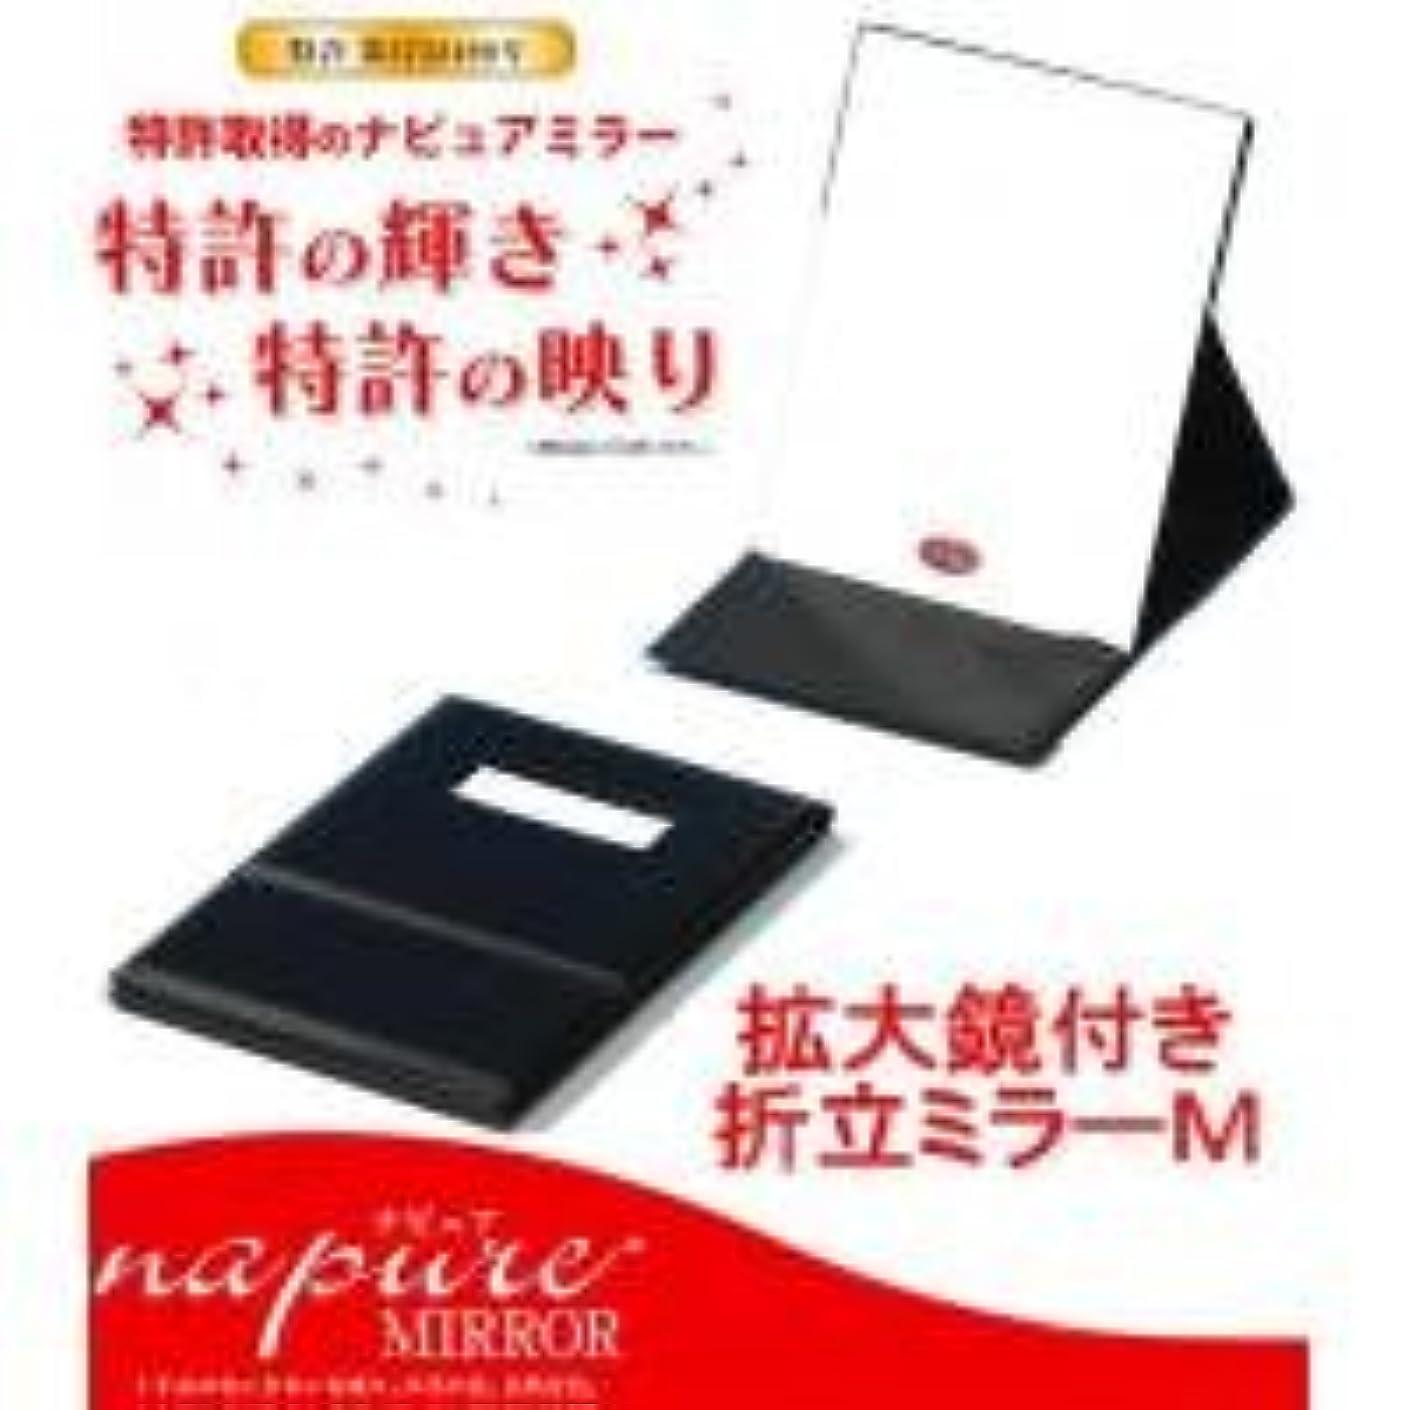 無法者蜜対話HP-42 ナピュア プロモデル拡大鏡付き折立ミラー(M)